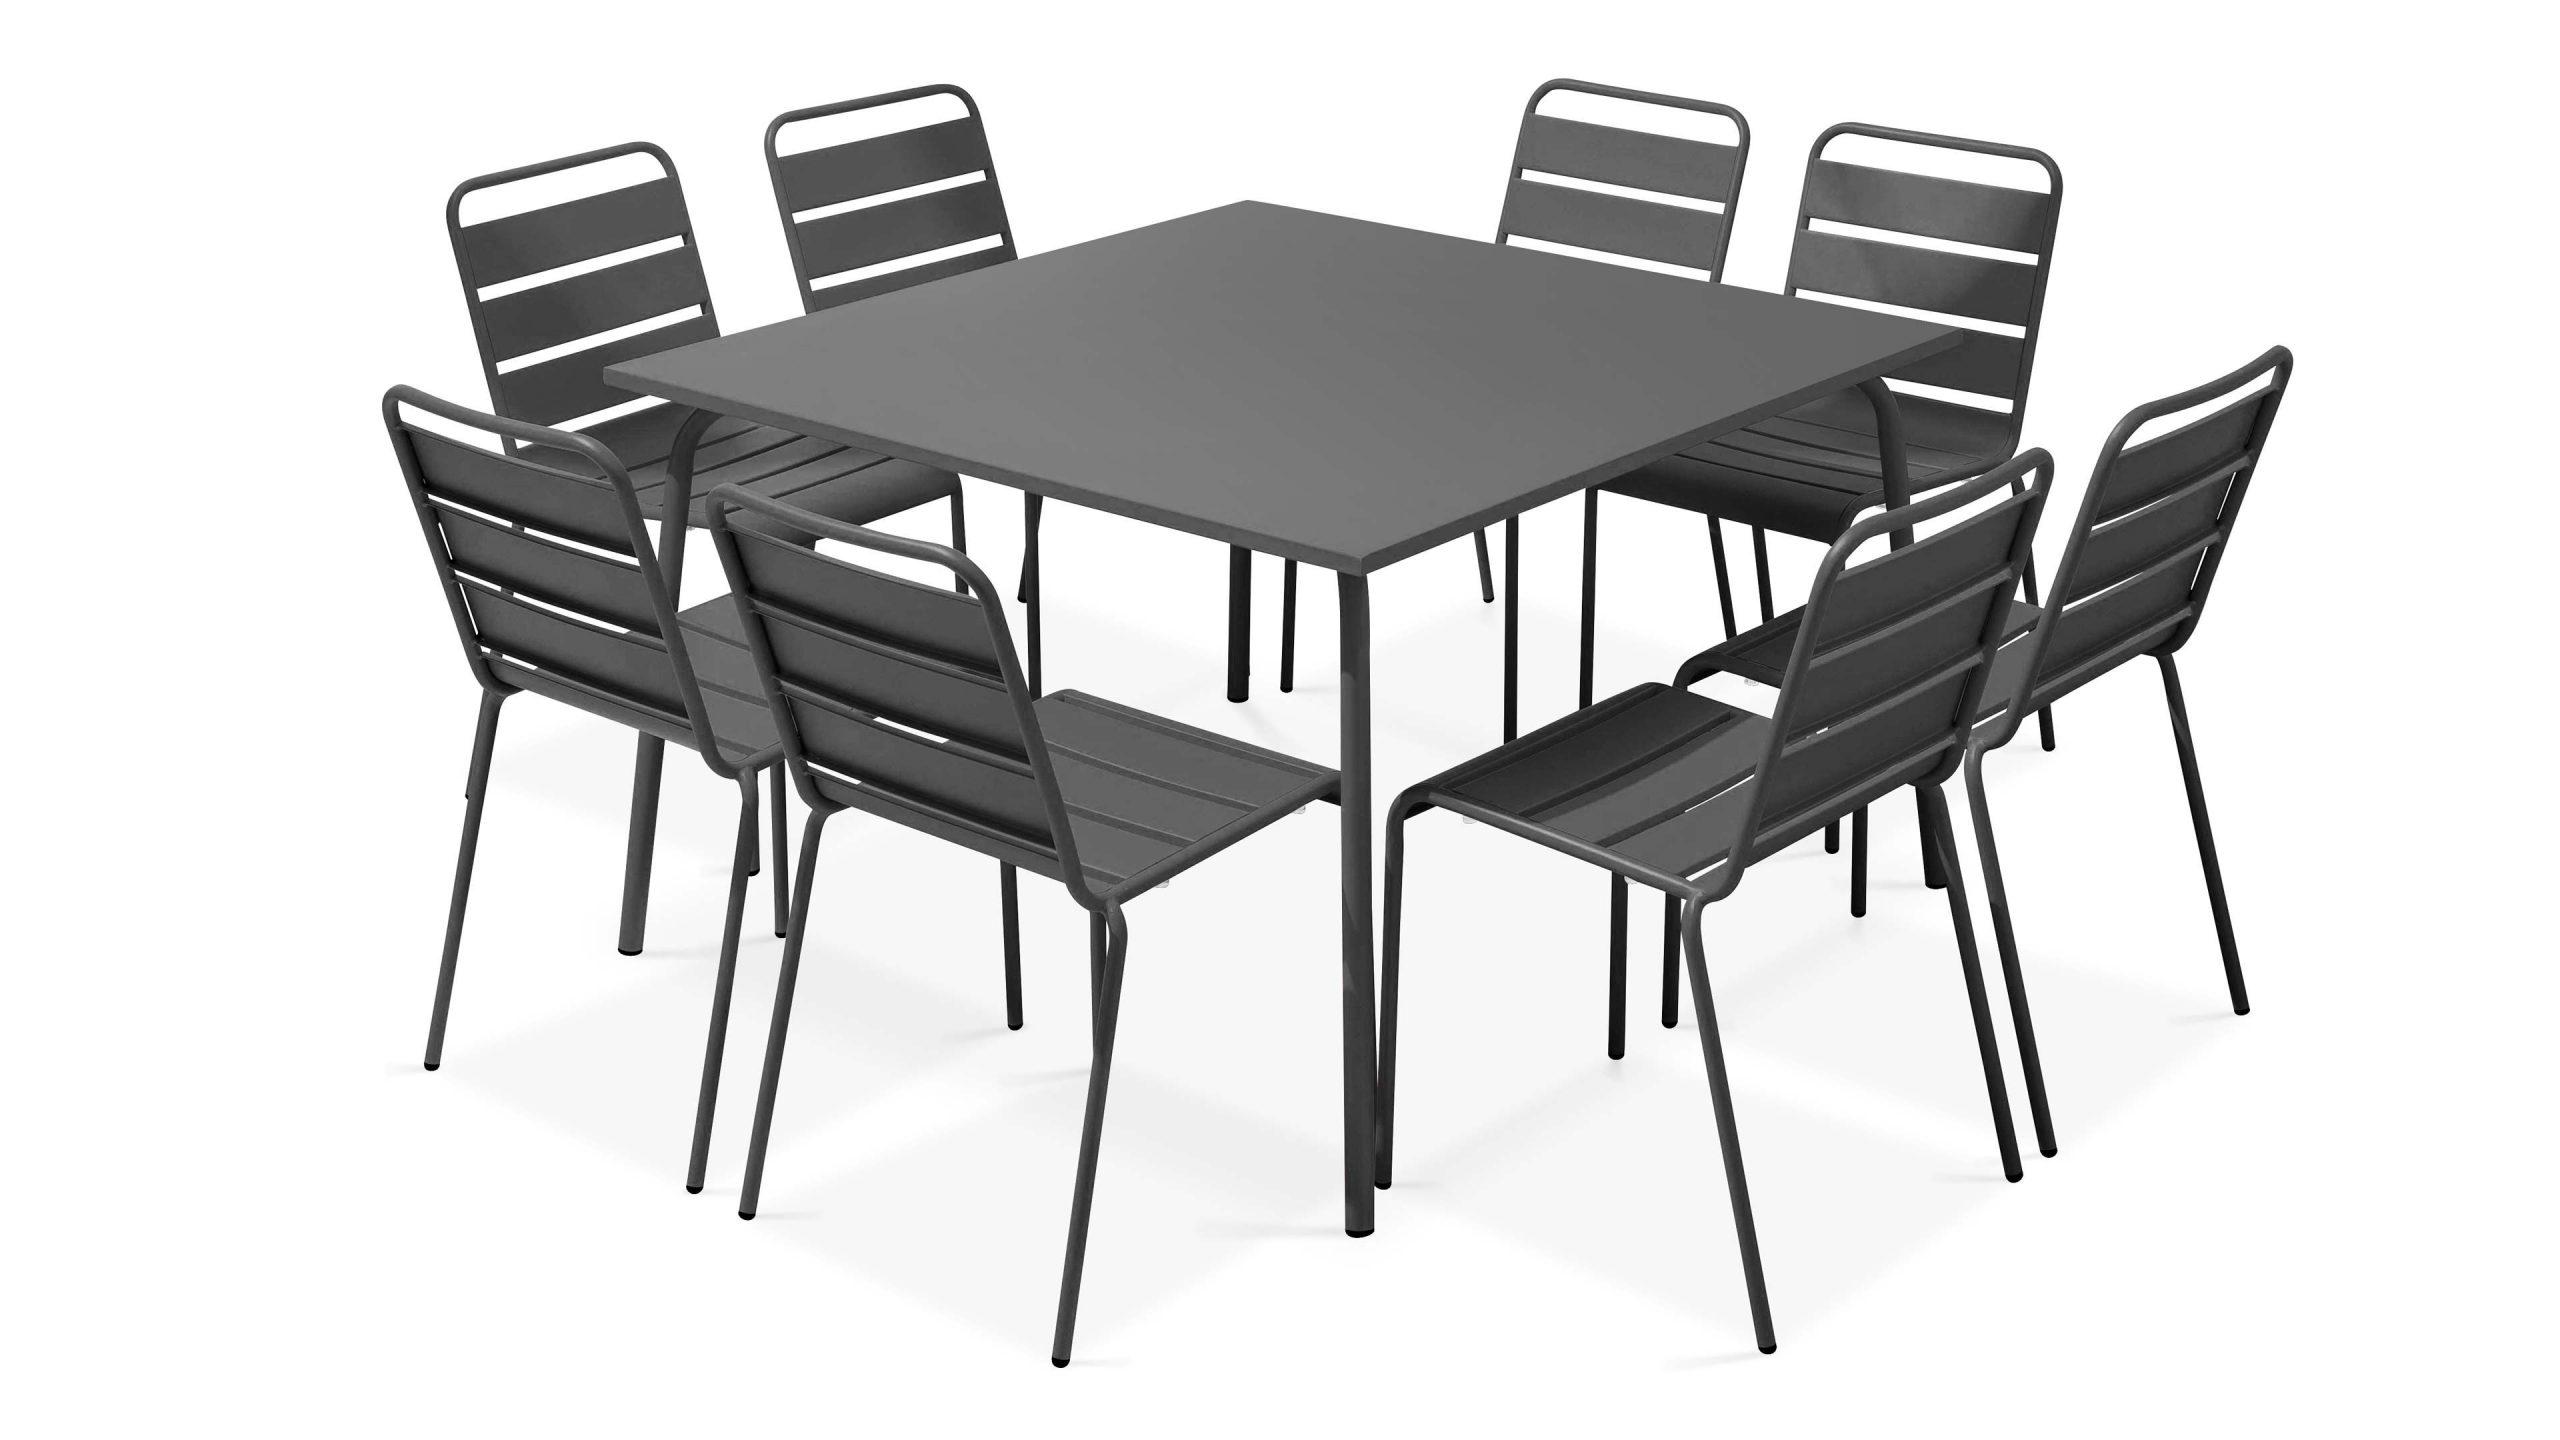 Table De Jardin Carrée En Métal, 8 Chaises | Palavas pour Table De Jardin Carrée 8 Personnes